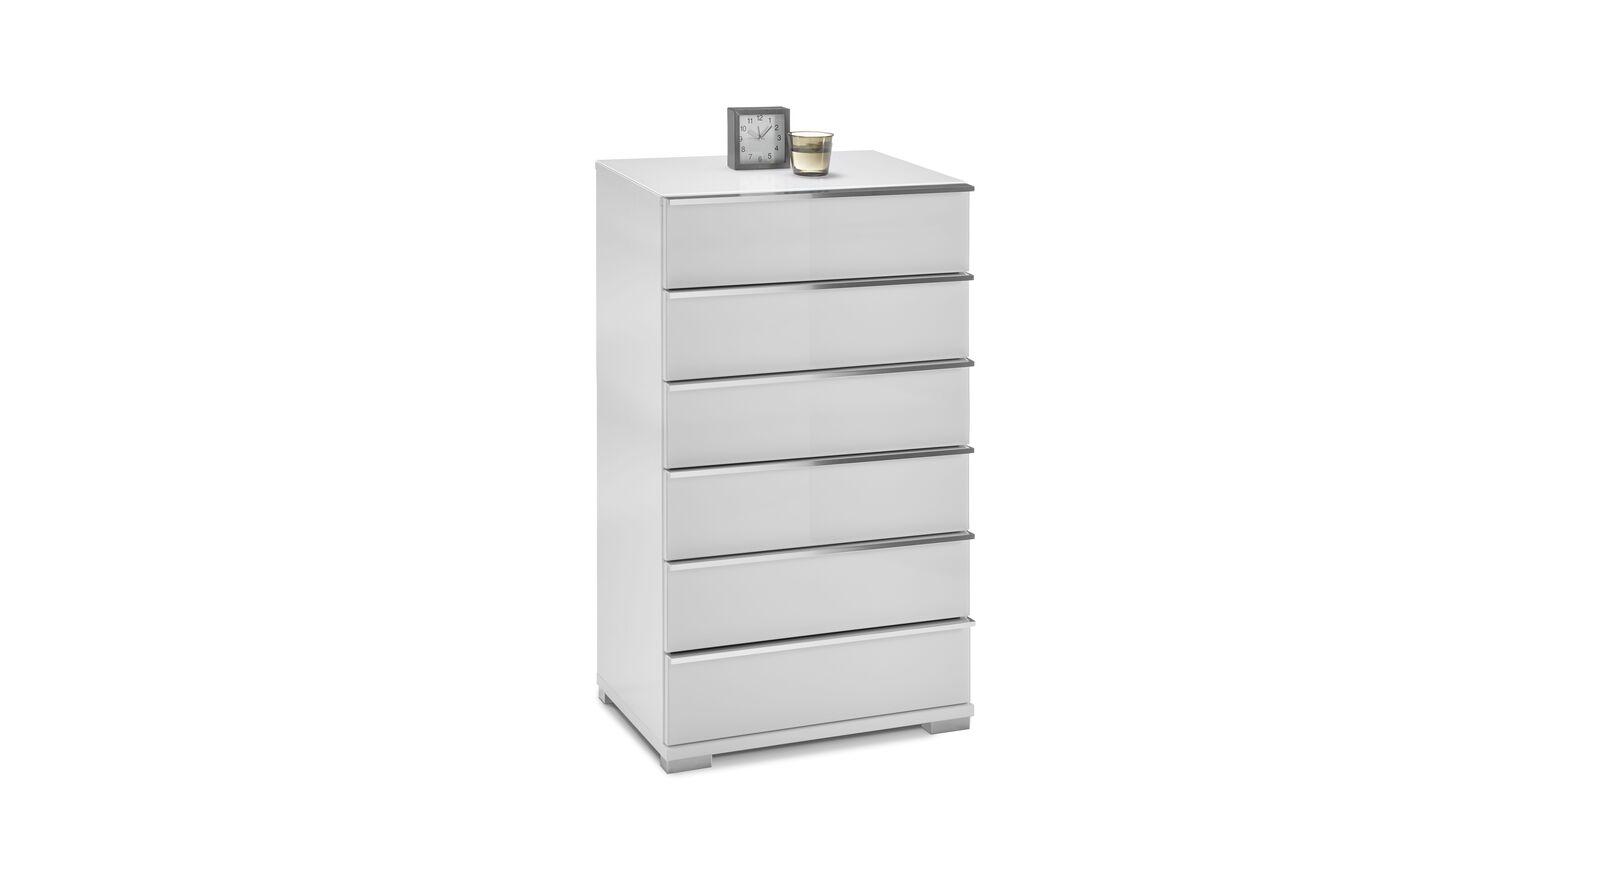 Schmale GALLERY M Kommode IMOLA W in Weiß mit 6 Schubladen